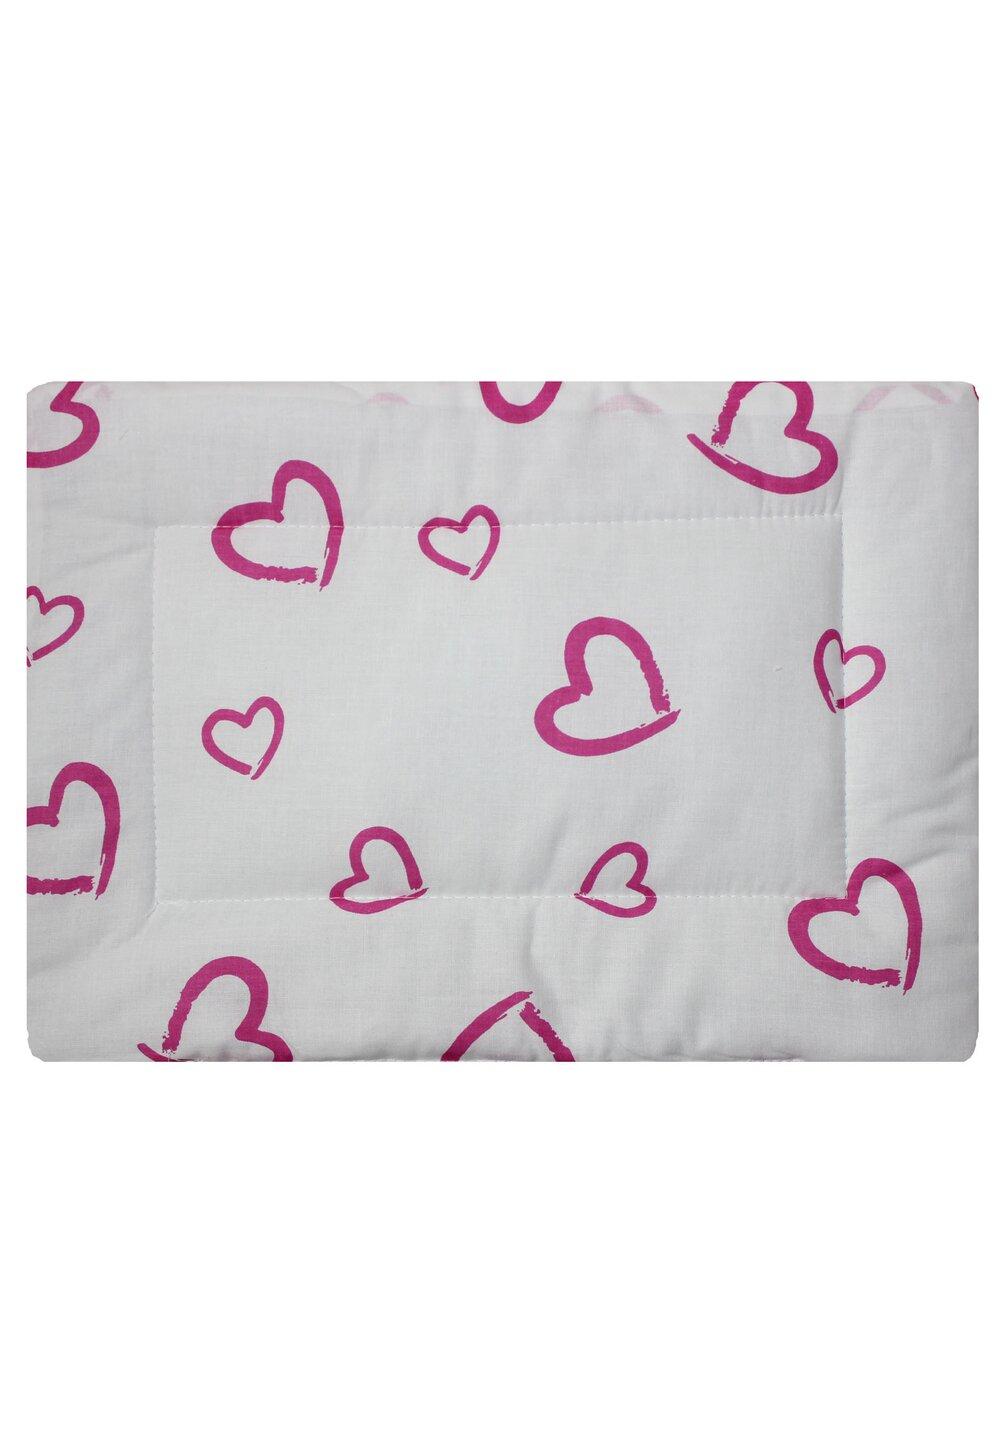 Perna slim, alba cu inimioare roz, 37x28cm imagine